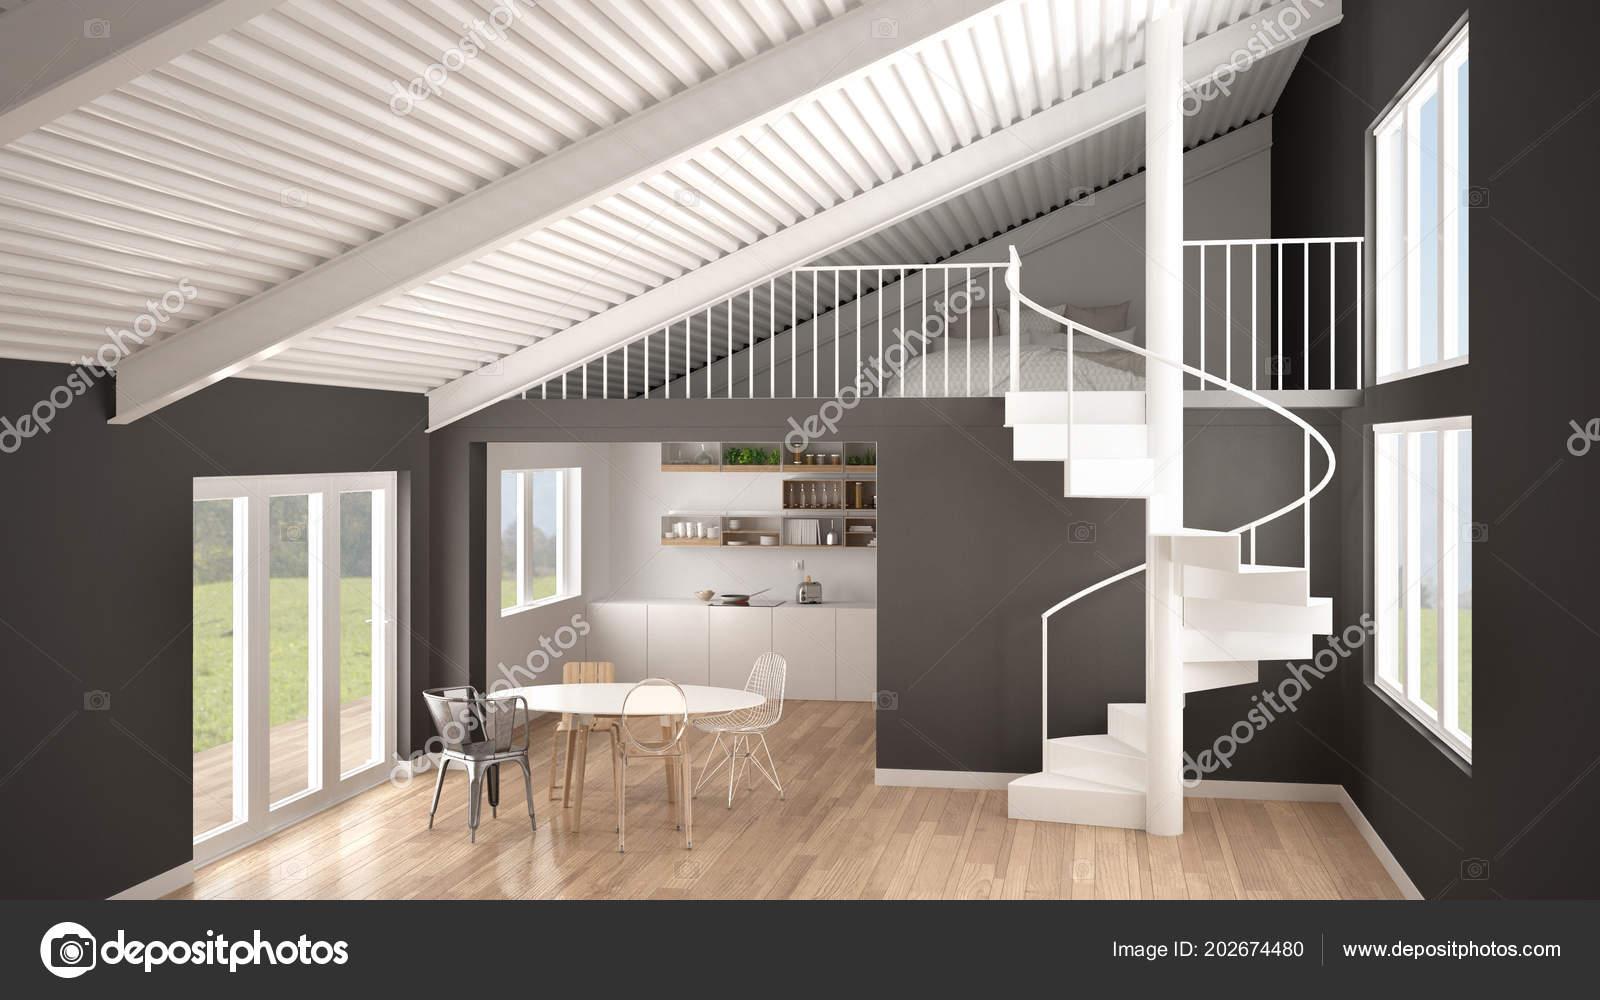 Minimalistischen Weißen Und Grauen Küche Mit Mezzanine Und Moderne  Wendeltreppe, Galerie Mit Schlafzimmer, Konzept Innenraum  Design Hintergrund, ...